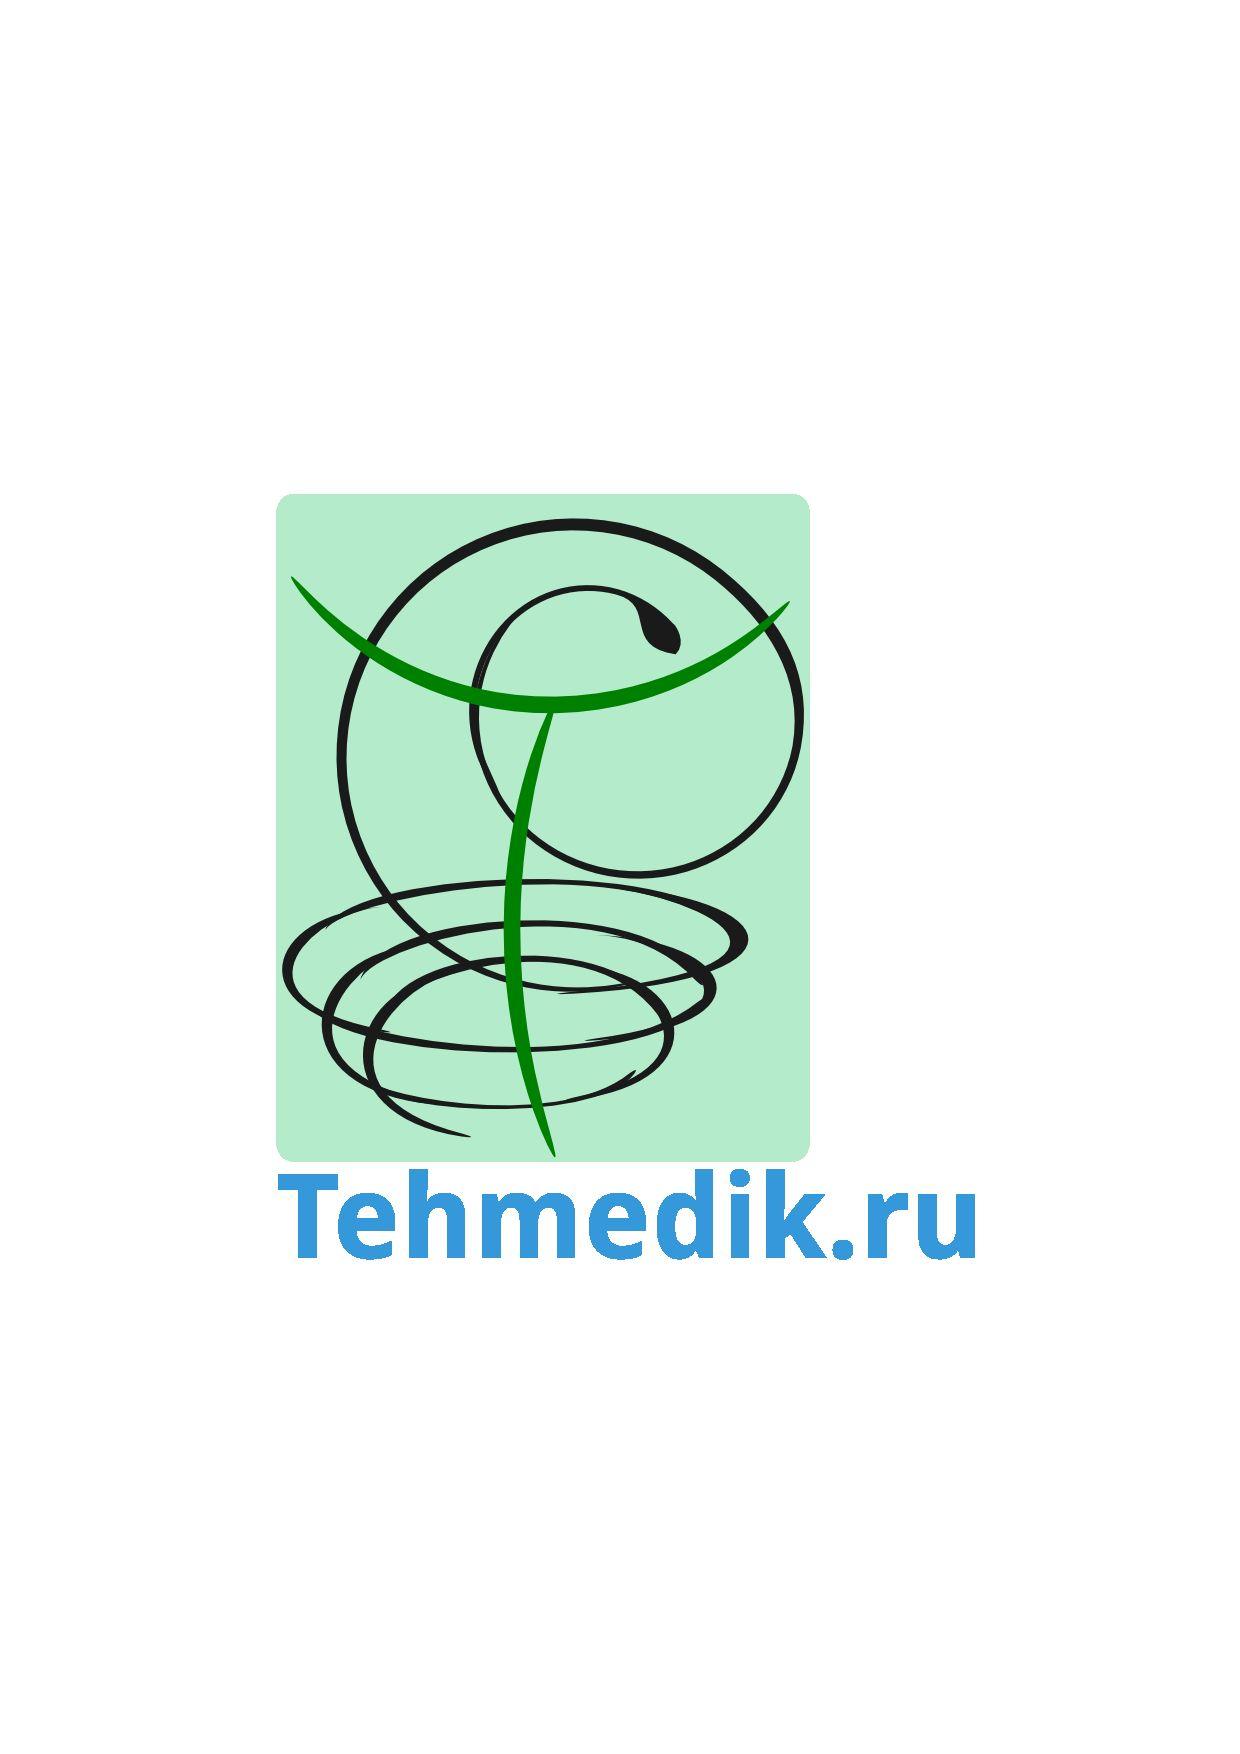 Логотип для интернет-магазина медтехники - дизайнер ldco